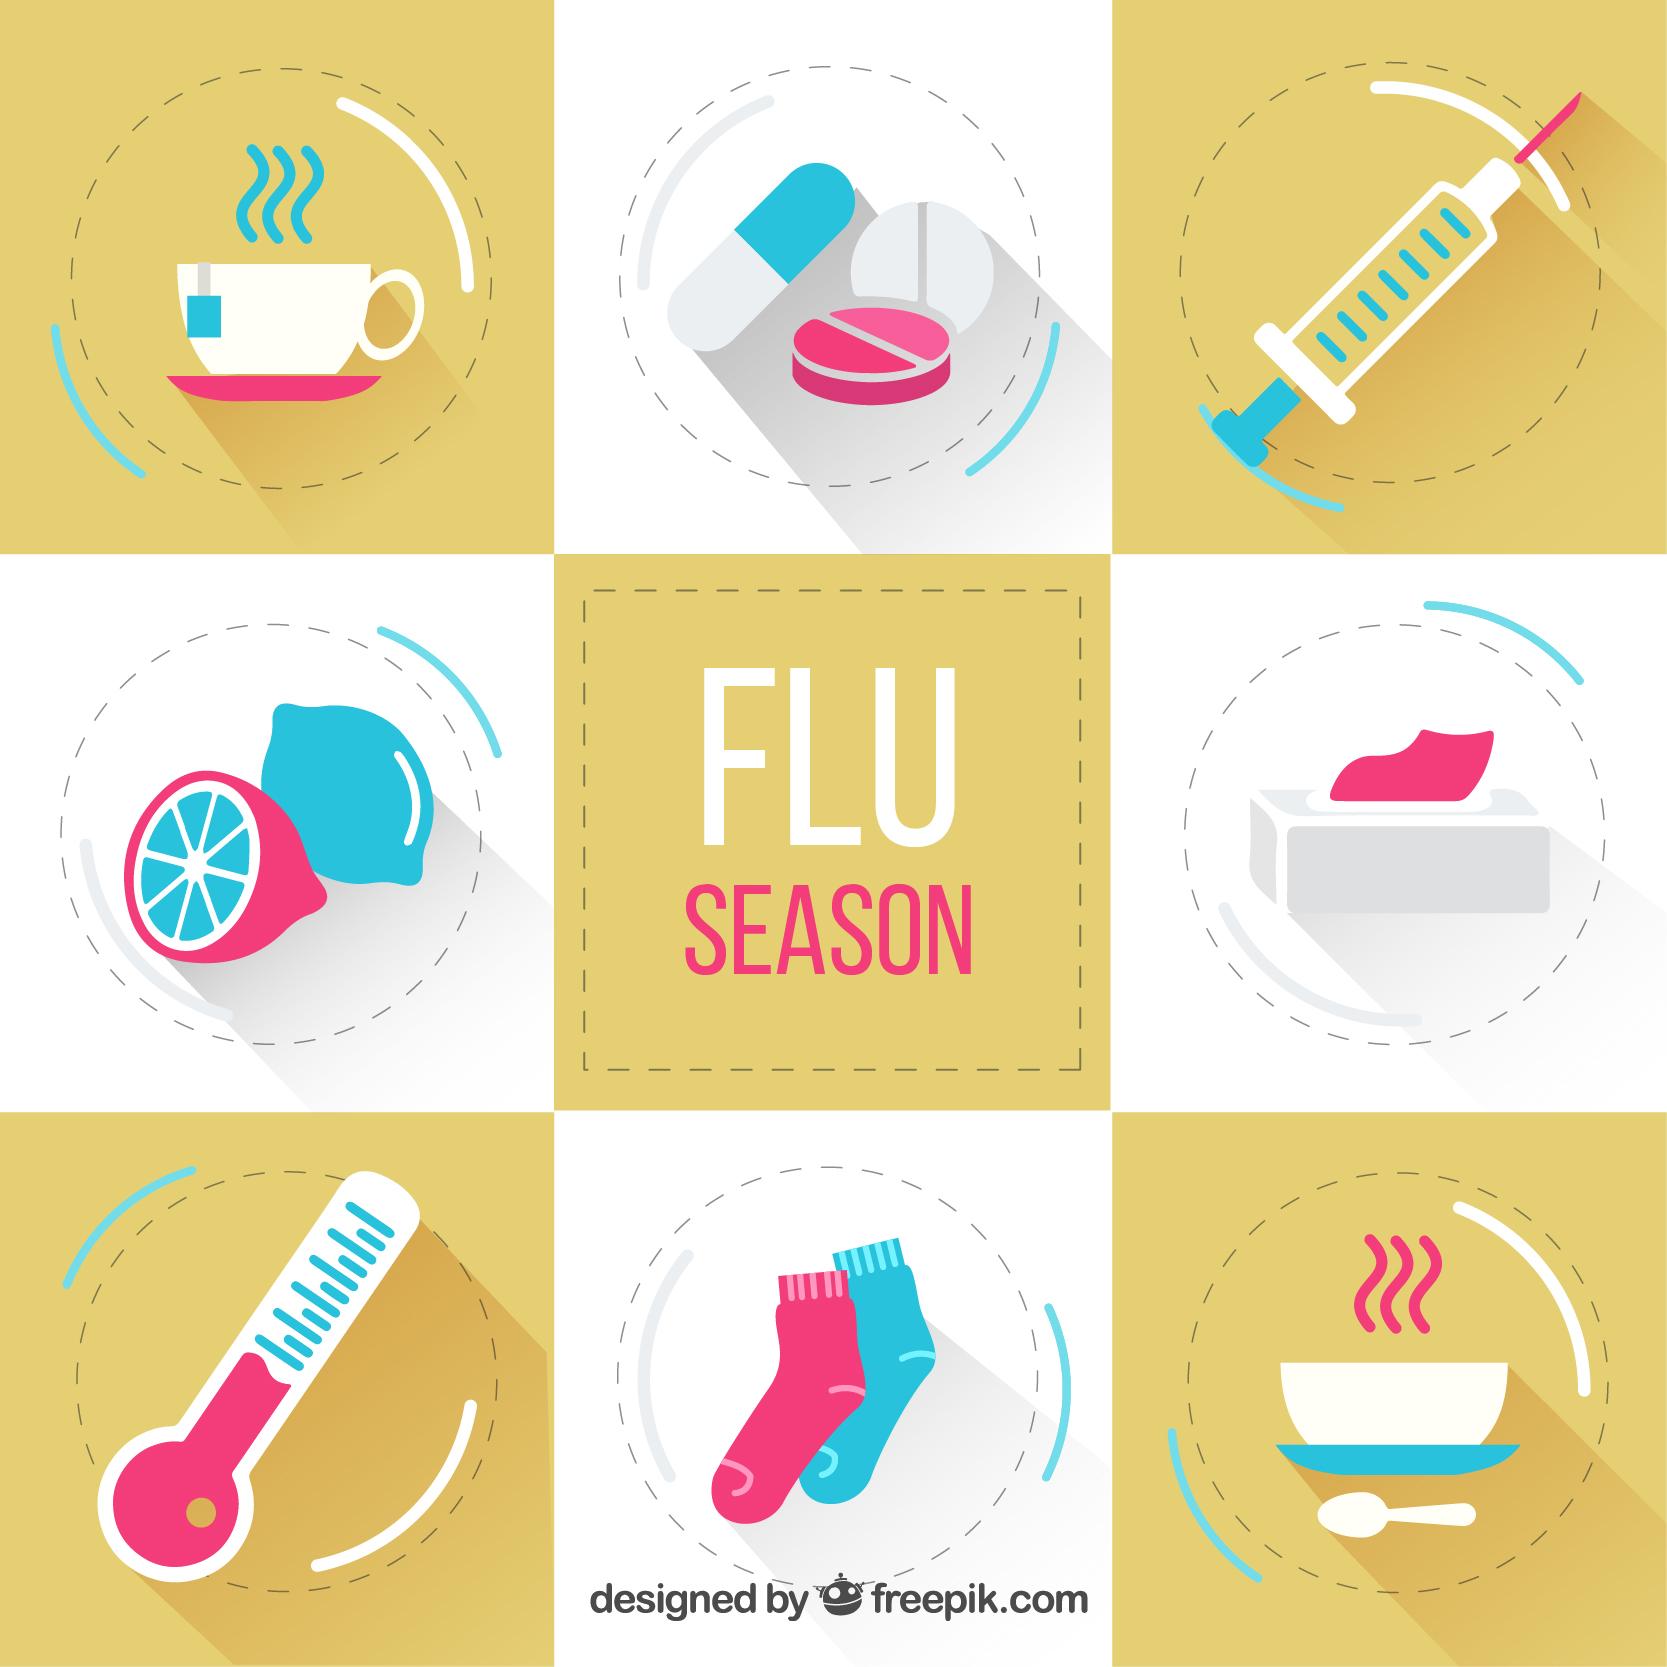 数据说话:冬季流感肆虐是天灾还是人祸?